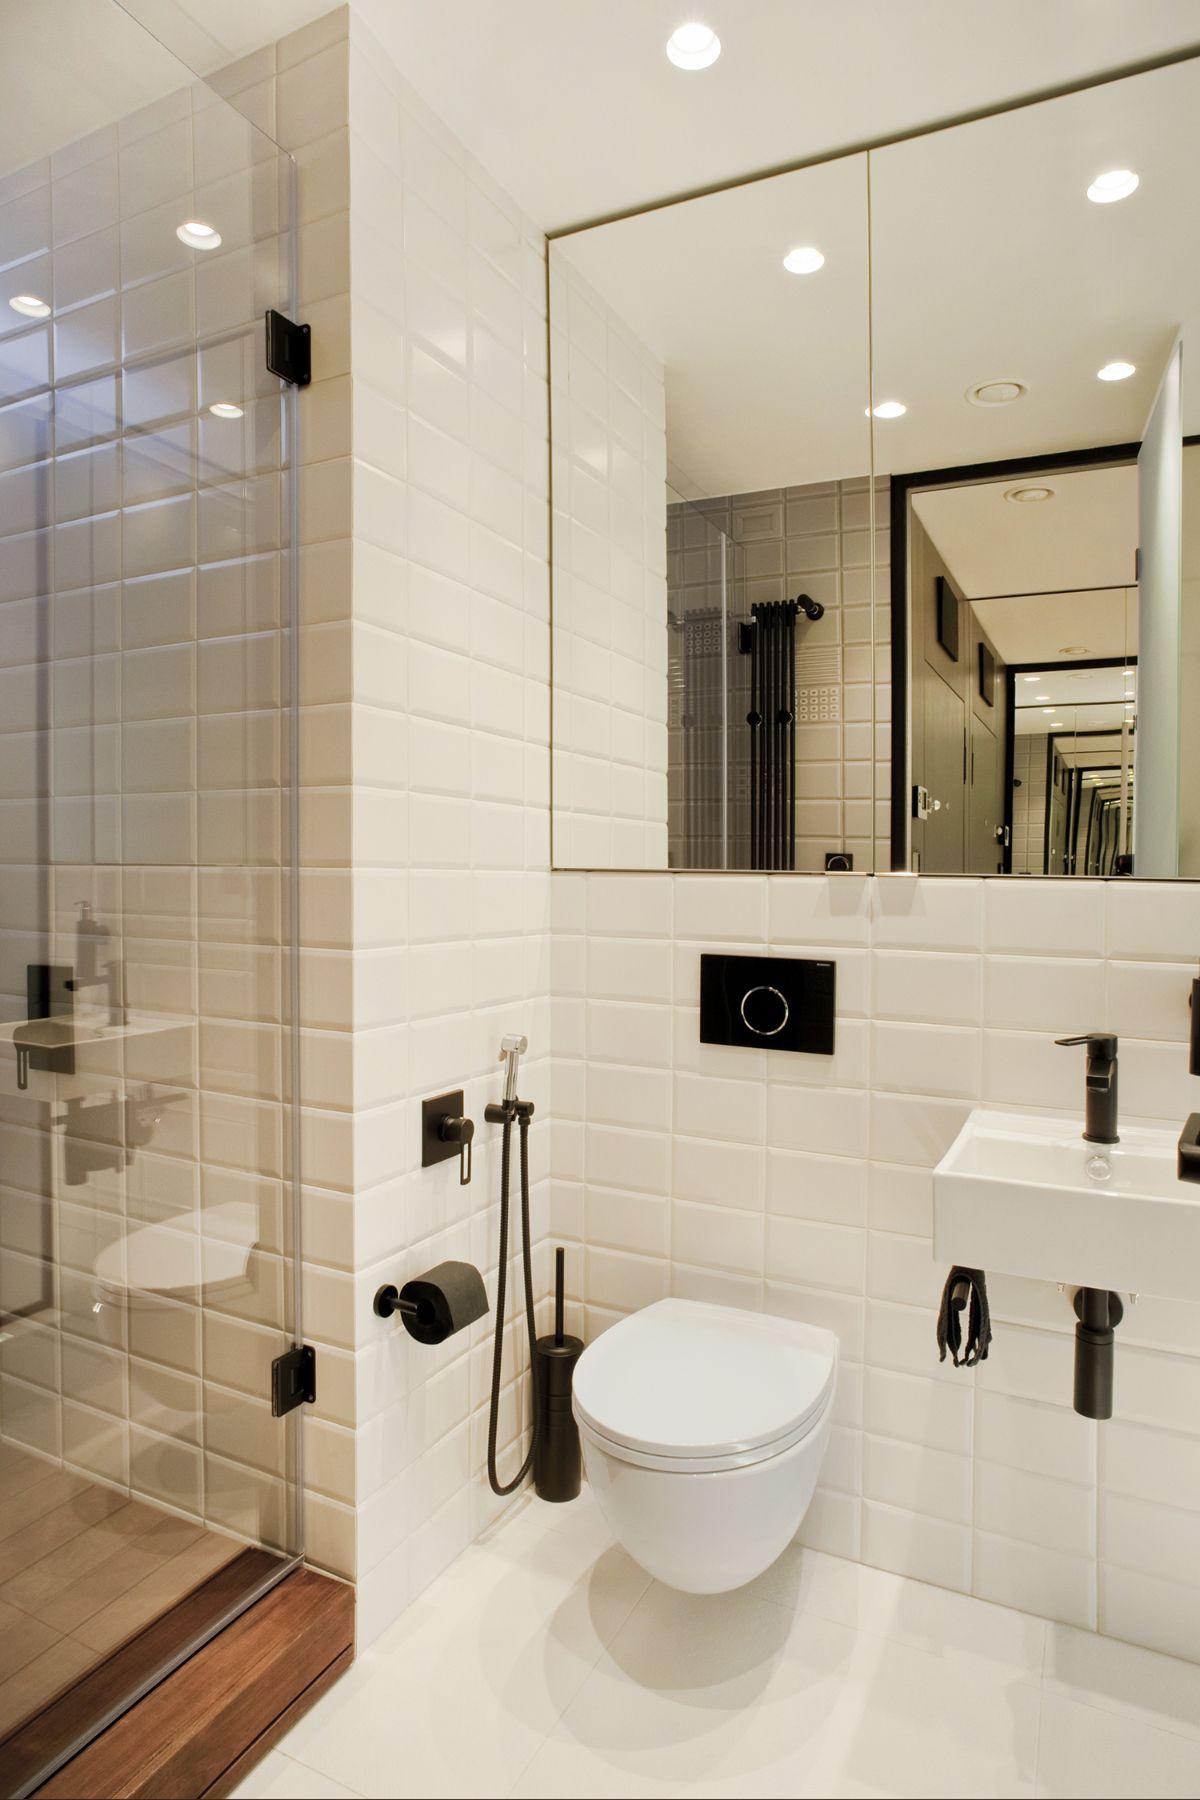 Foornipl Małe Mieszkanie W Sofii Białe Płytki W łazience